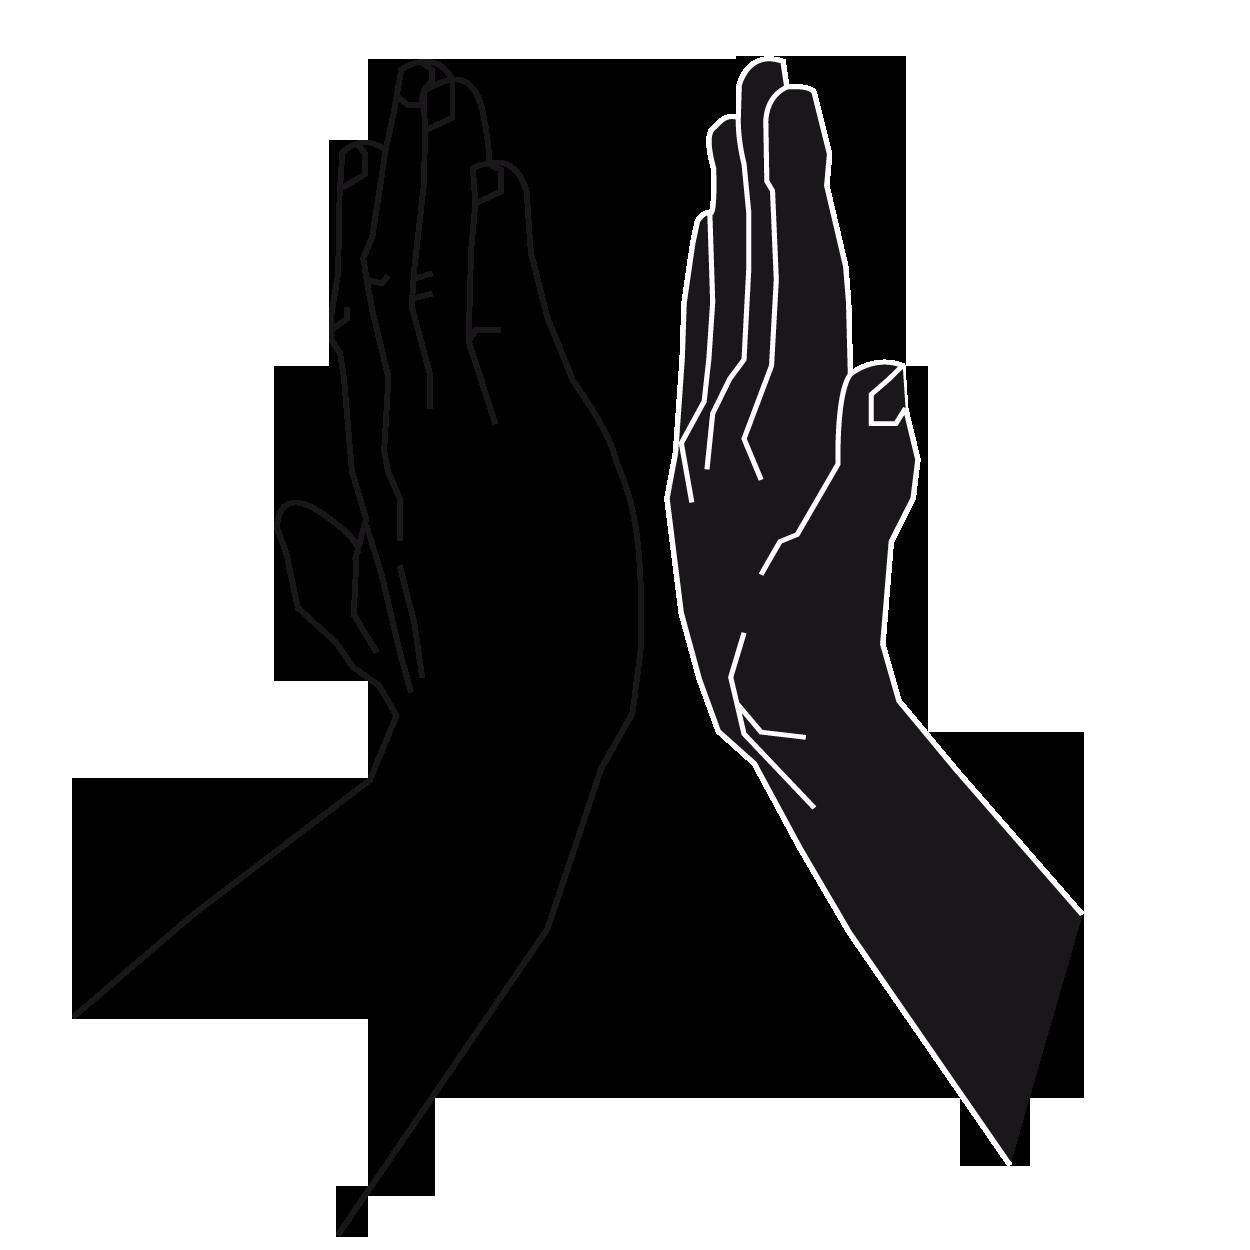 Zwei Hände, die einander abklatschen